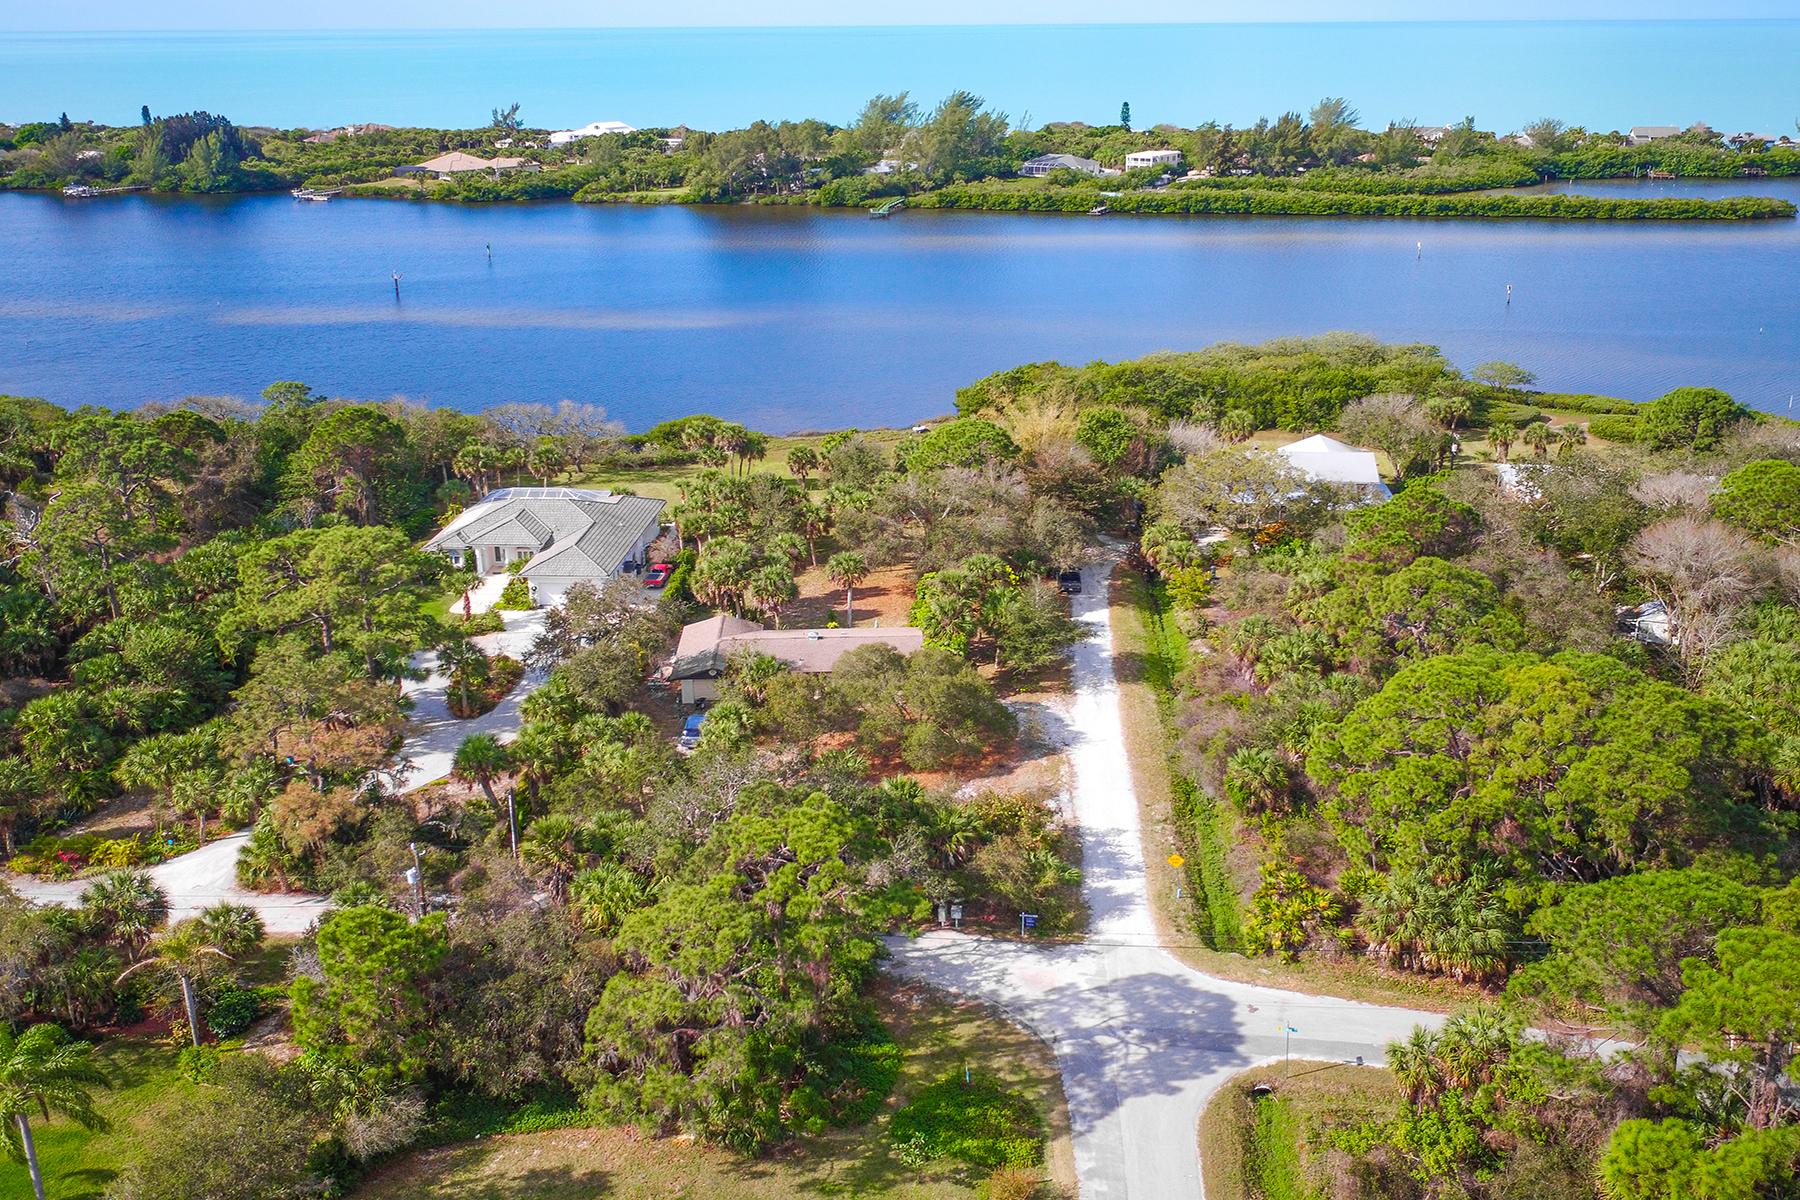 Maison unifamiliale pour l Vente à ENGLEWOOD 2090 Lemon Ave Englewood, Florida, 34223 États-Unis